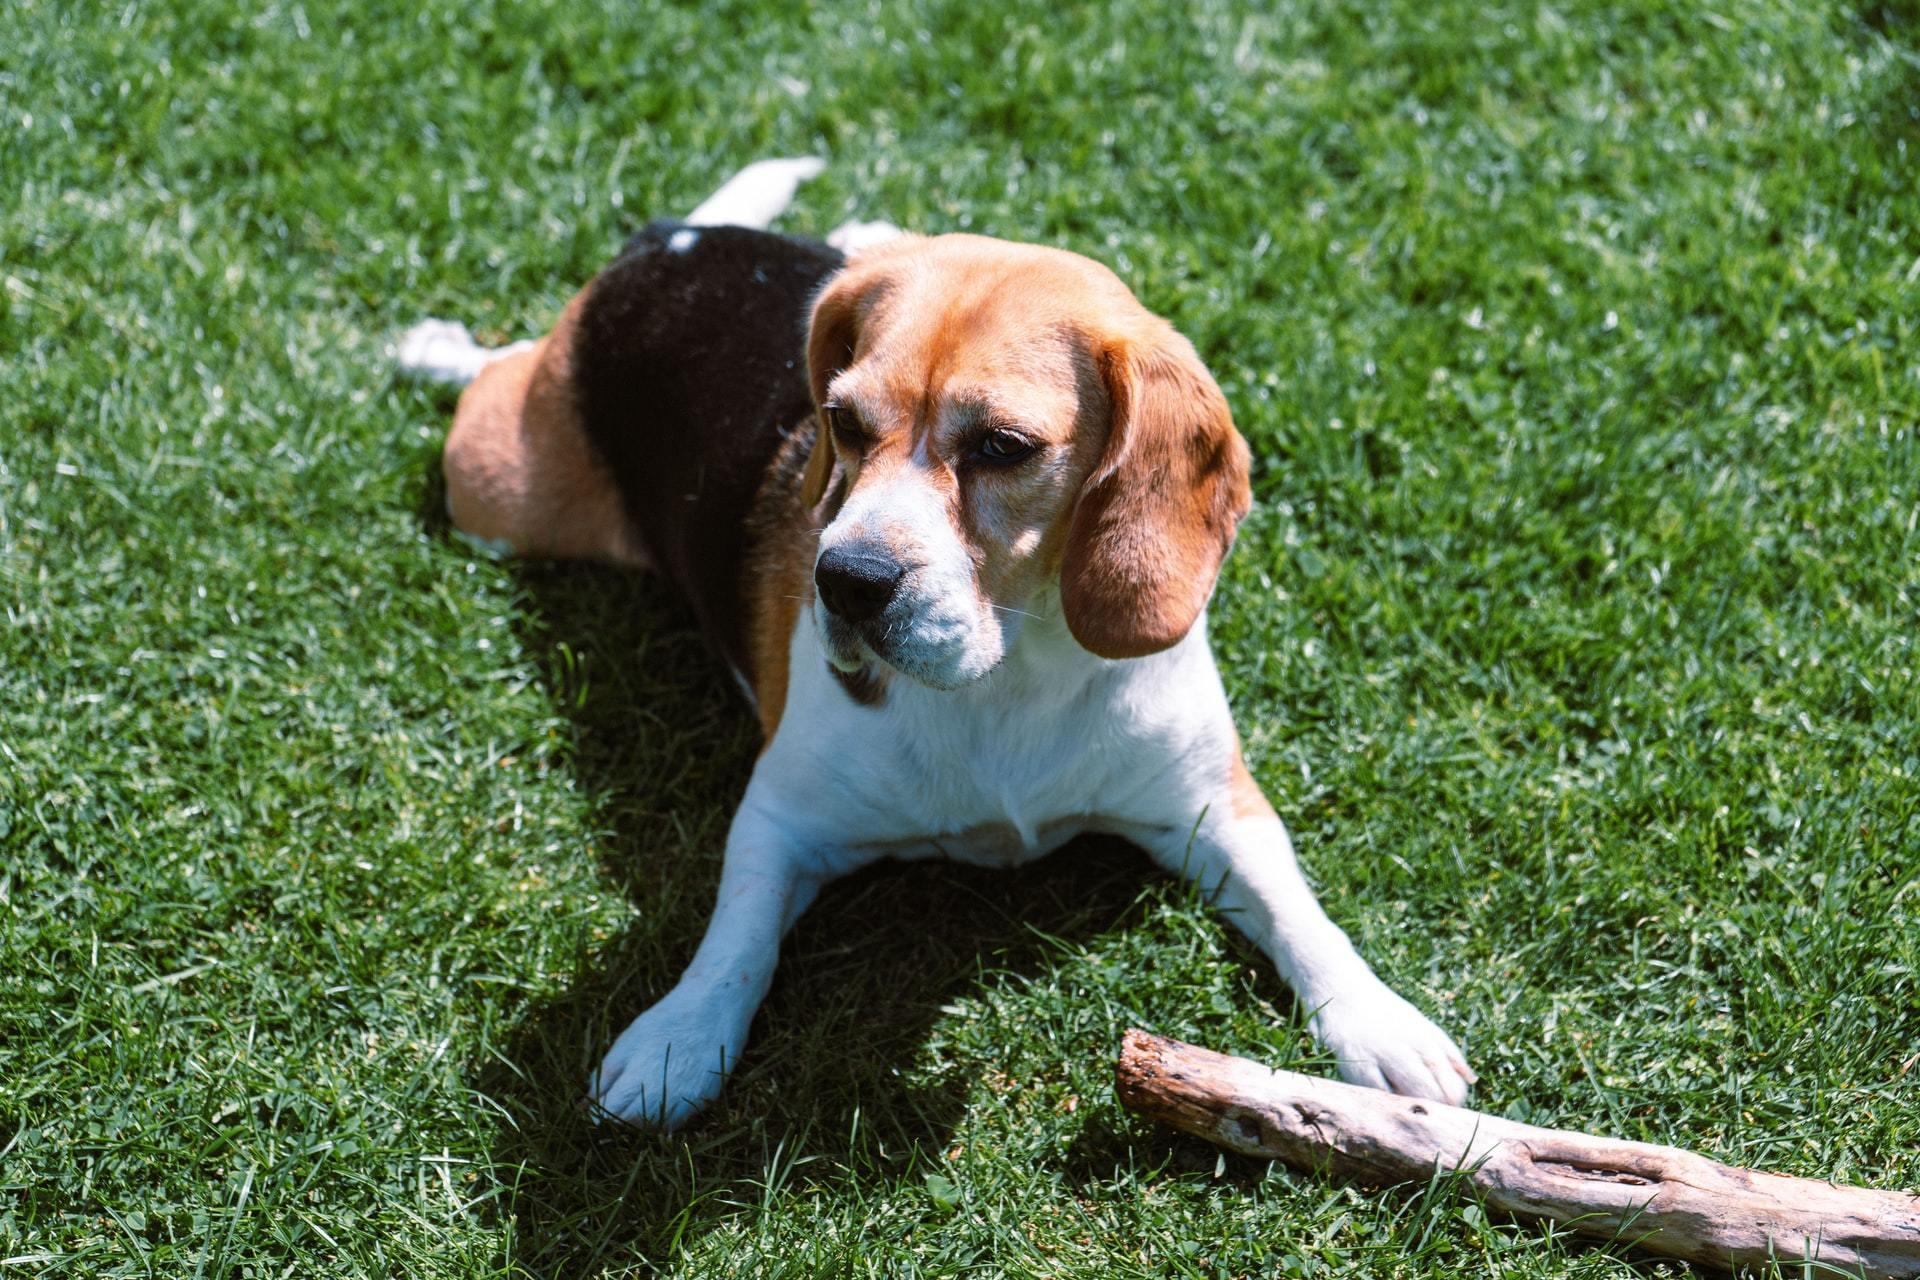 dog-stick-grass